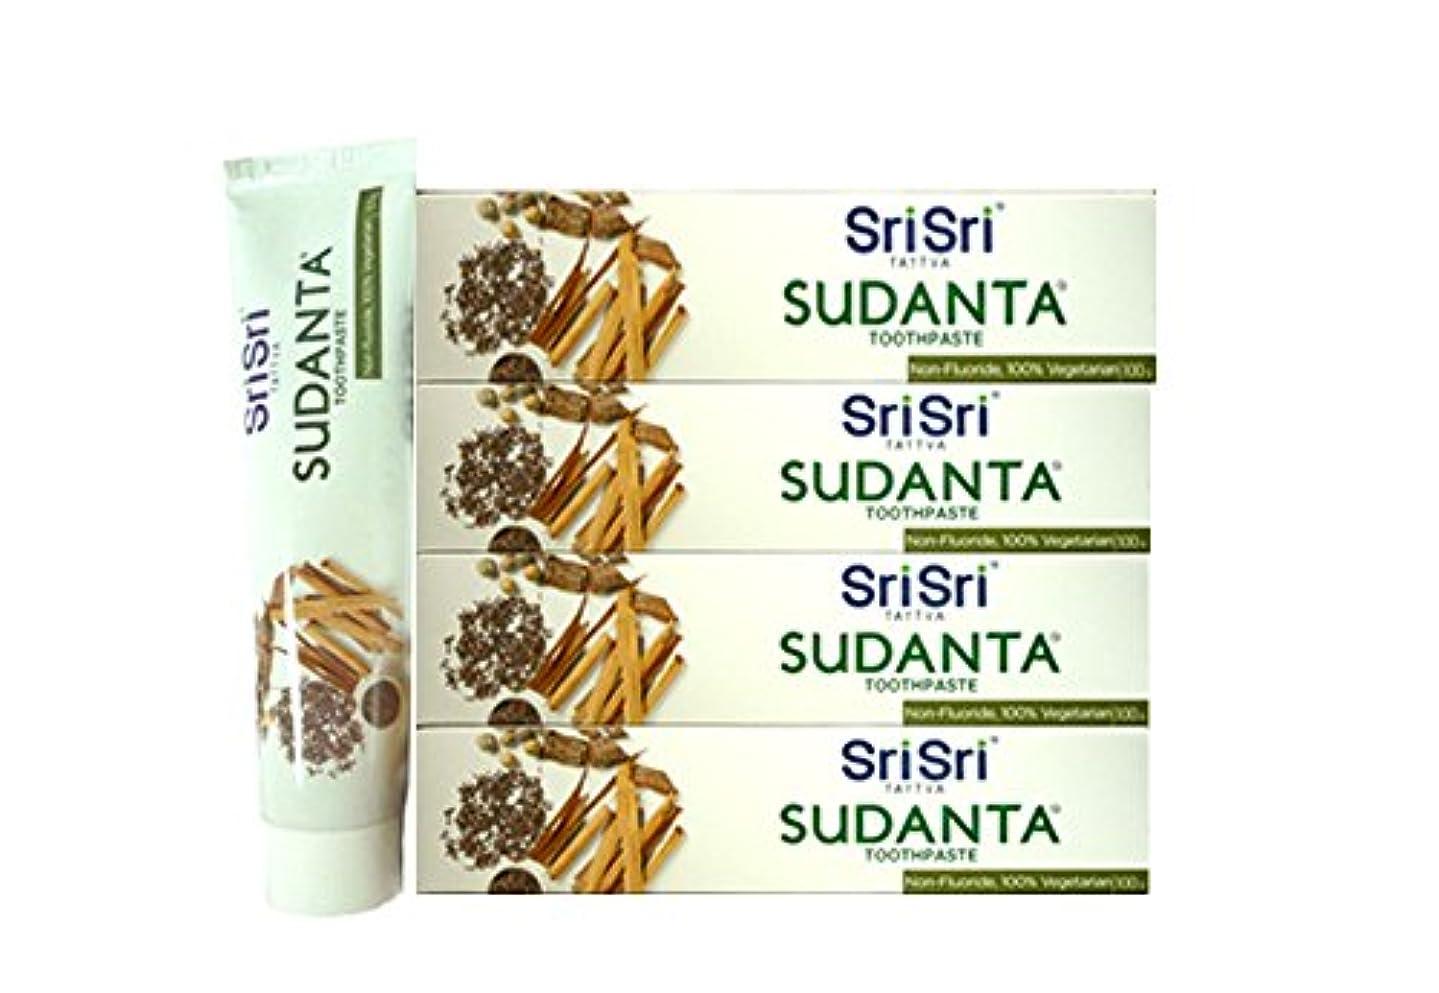 対処レール年次シュリ シュリ アーユルヴェーダ スダンタ 磨き粉 100g*4SET Sri Sri Ayurveda sudanta toothPaste